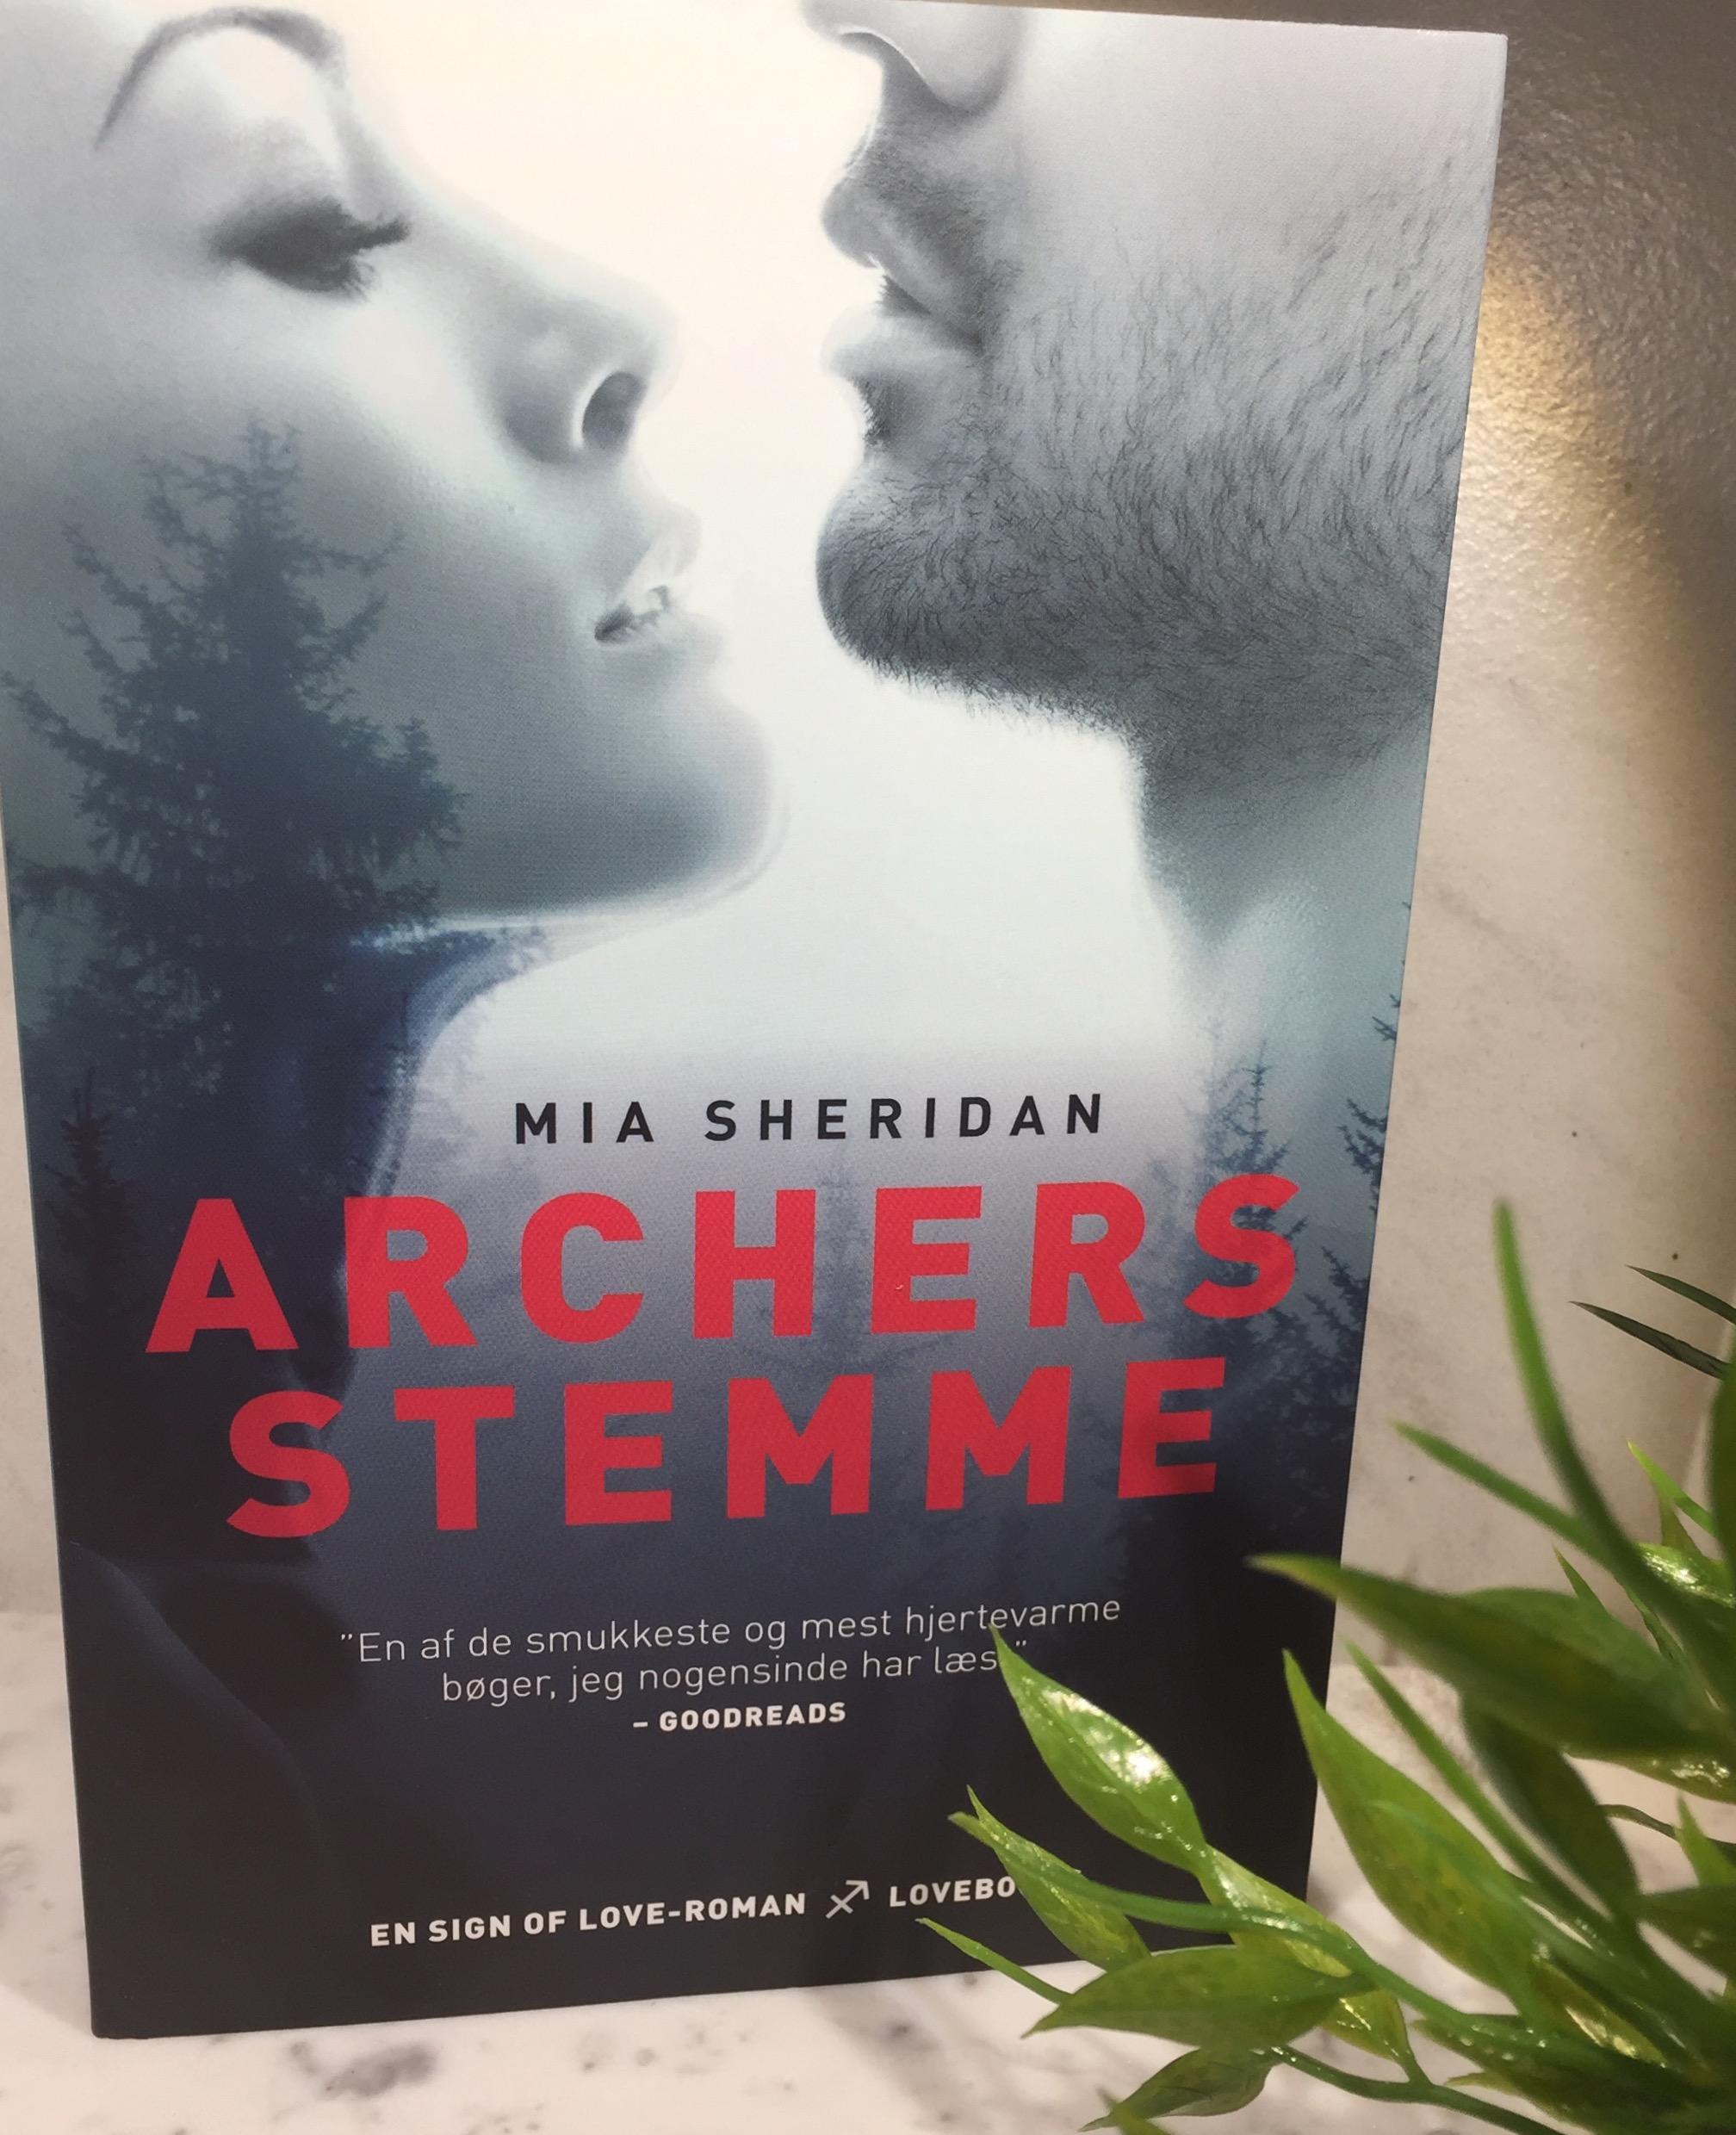 Archers Stemme, Boganmeldelse, Bøger, Boganmeldelse Archers Stemme, Love Books, Lindhardt og Ringhof, Mia Sheridan,